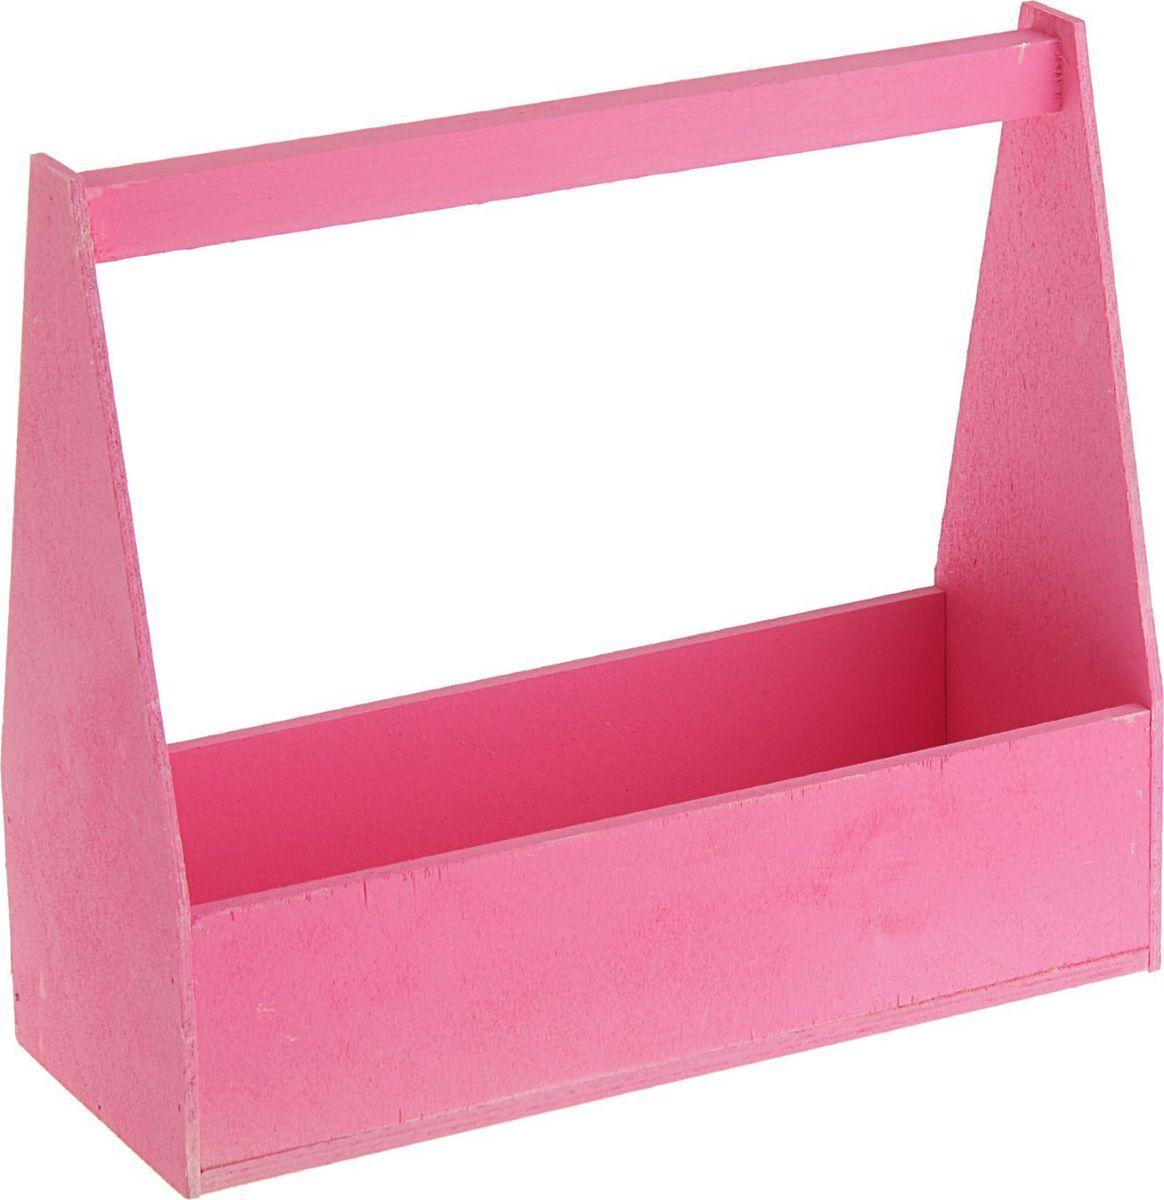 Кашпо ТД ДМ Ящик, флористическое, цвет: розовый, 27 х 11 х 9 см2269525